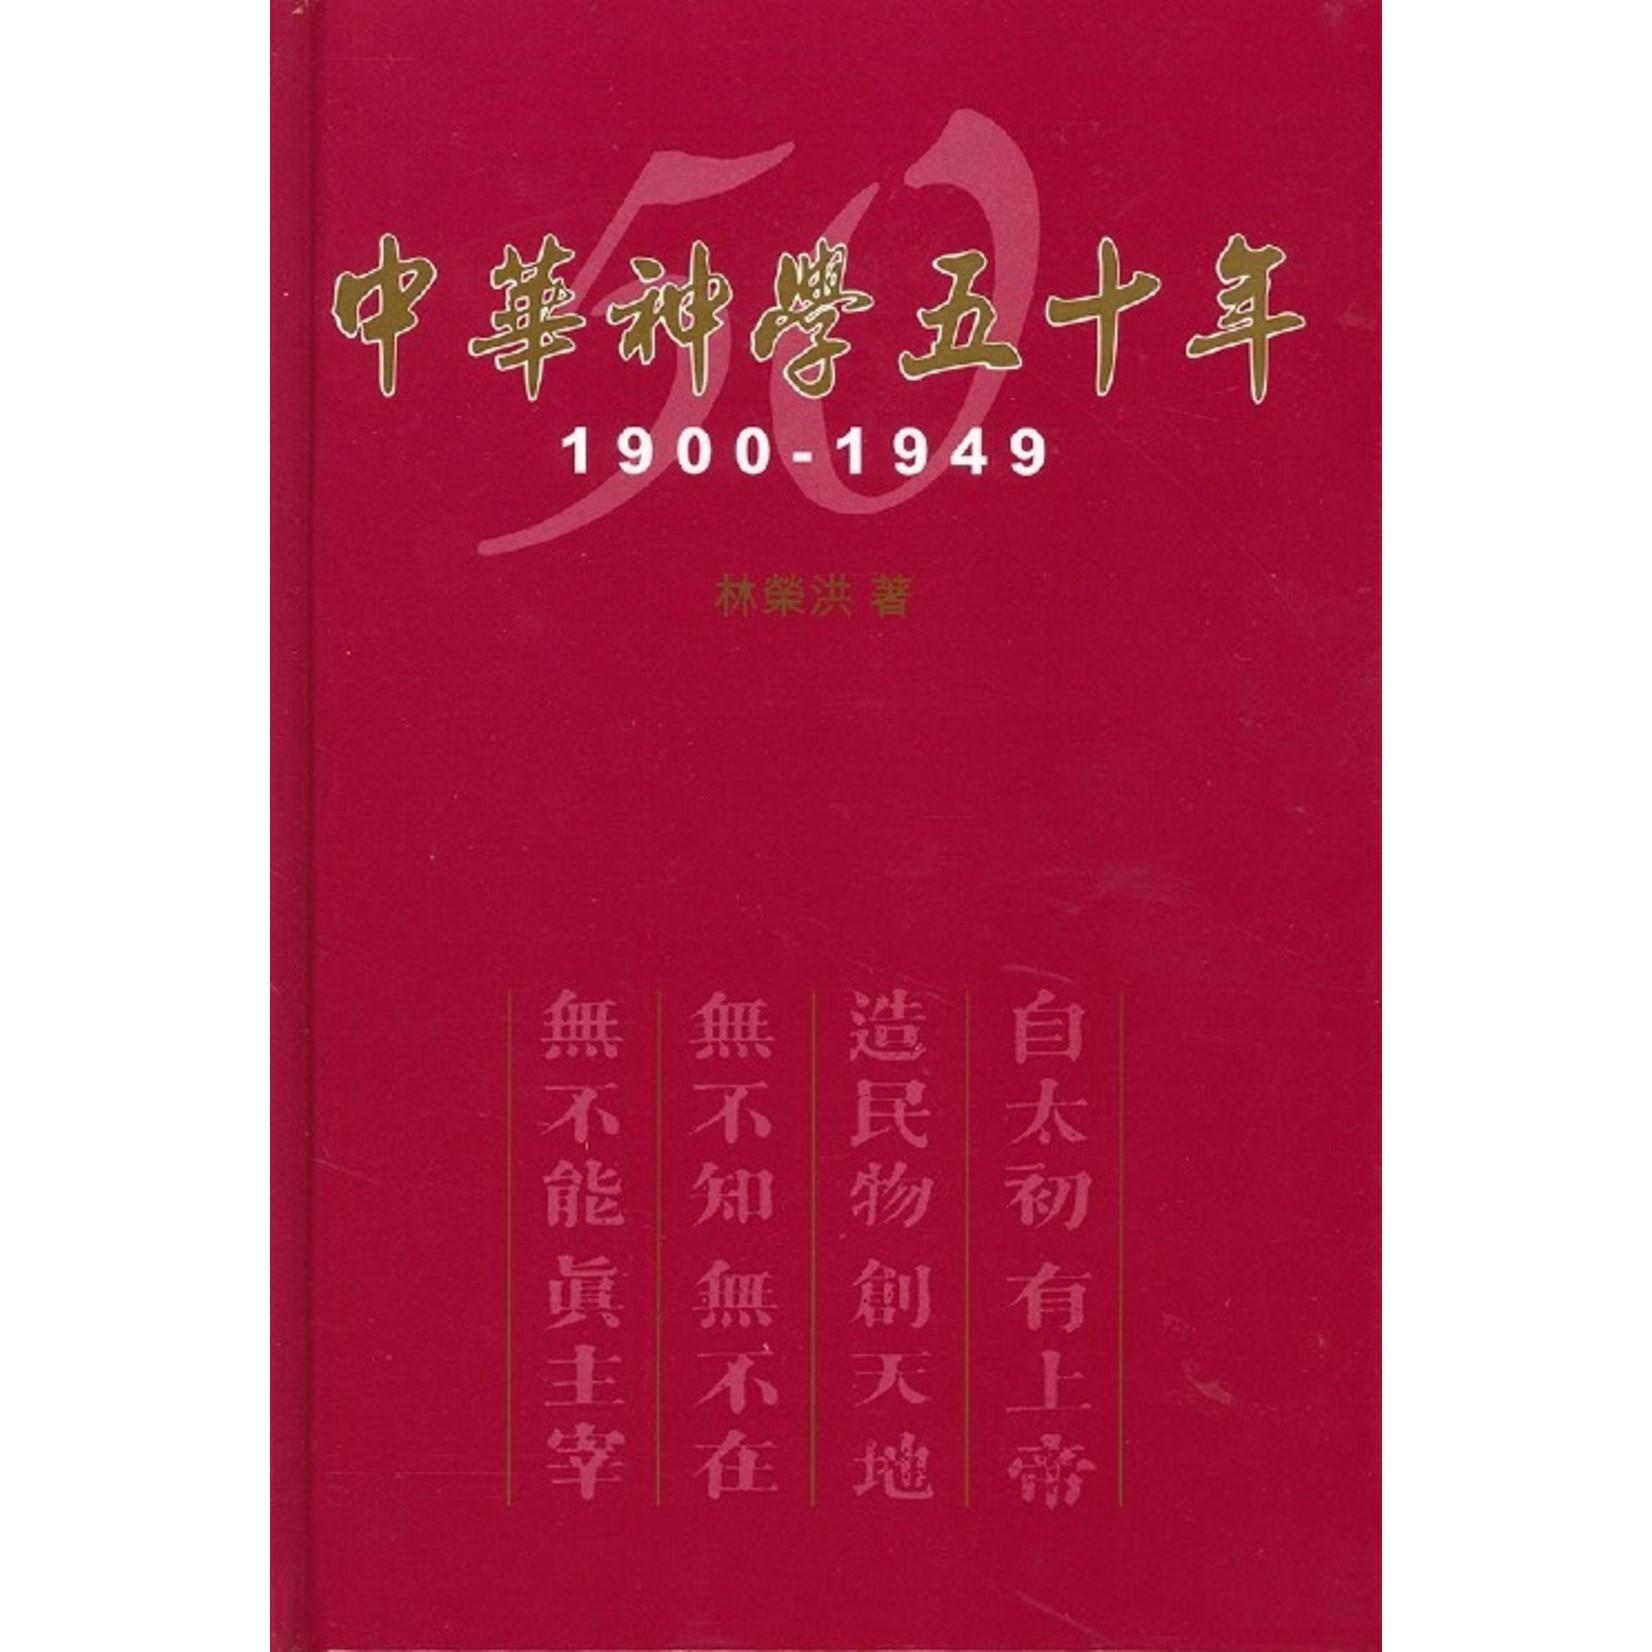 中國神學研究院 China Graduate School of Theology 中華神學五十年 1900-1949(精裝)